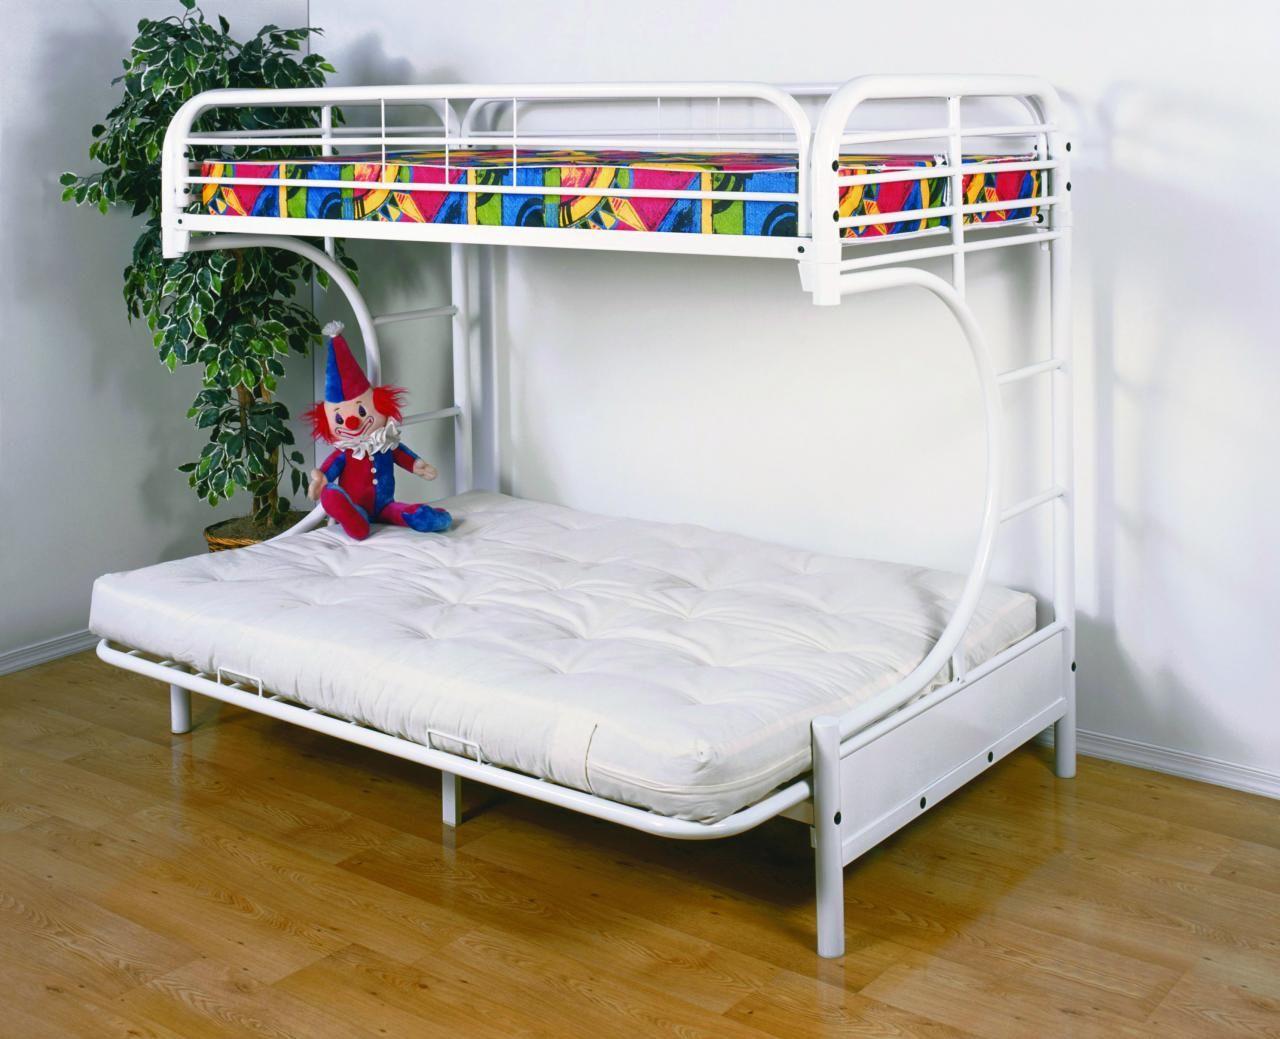 Cheap Futon Bunk Beds With Mattress